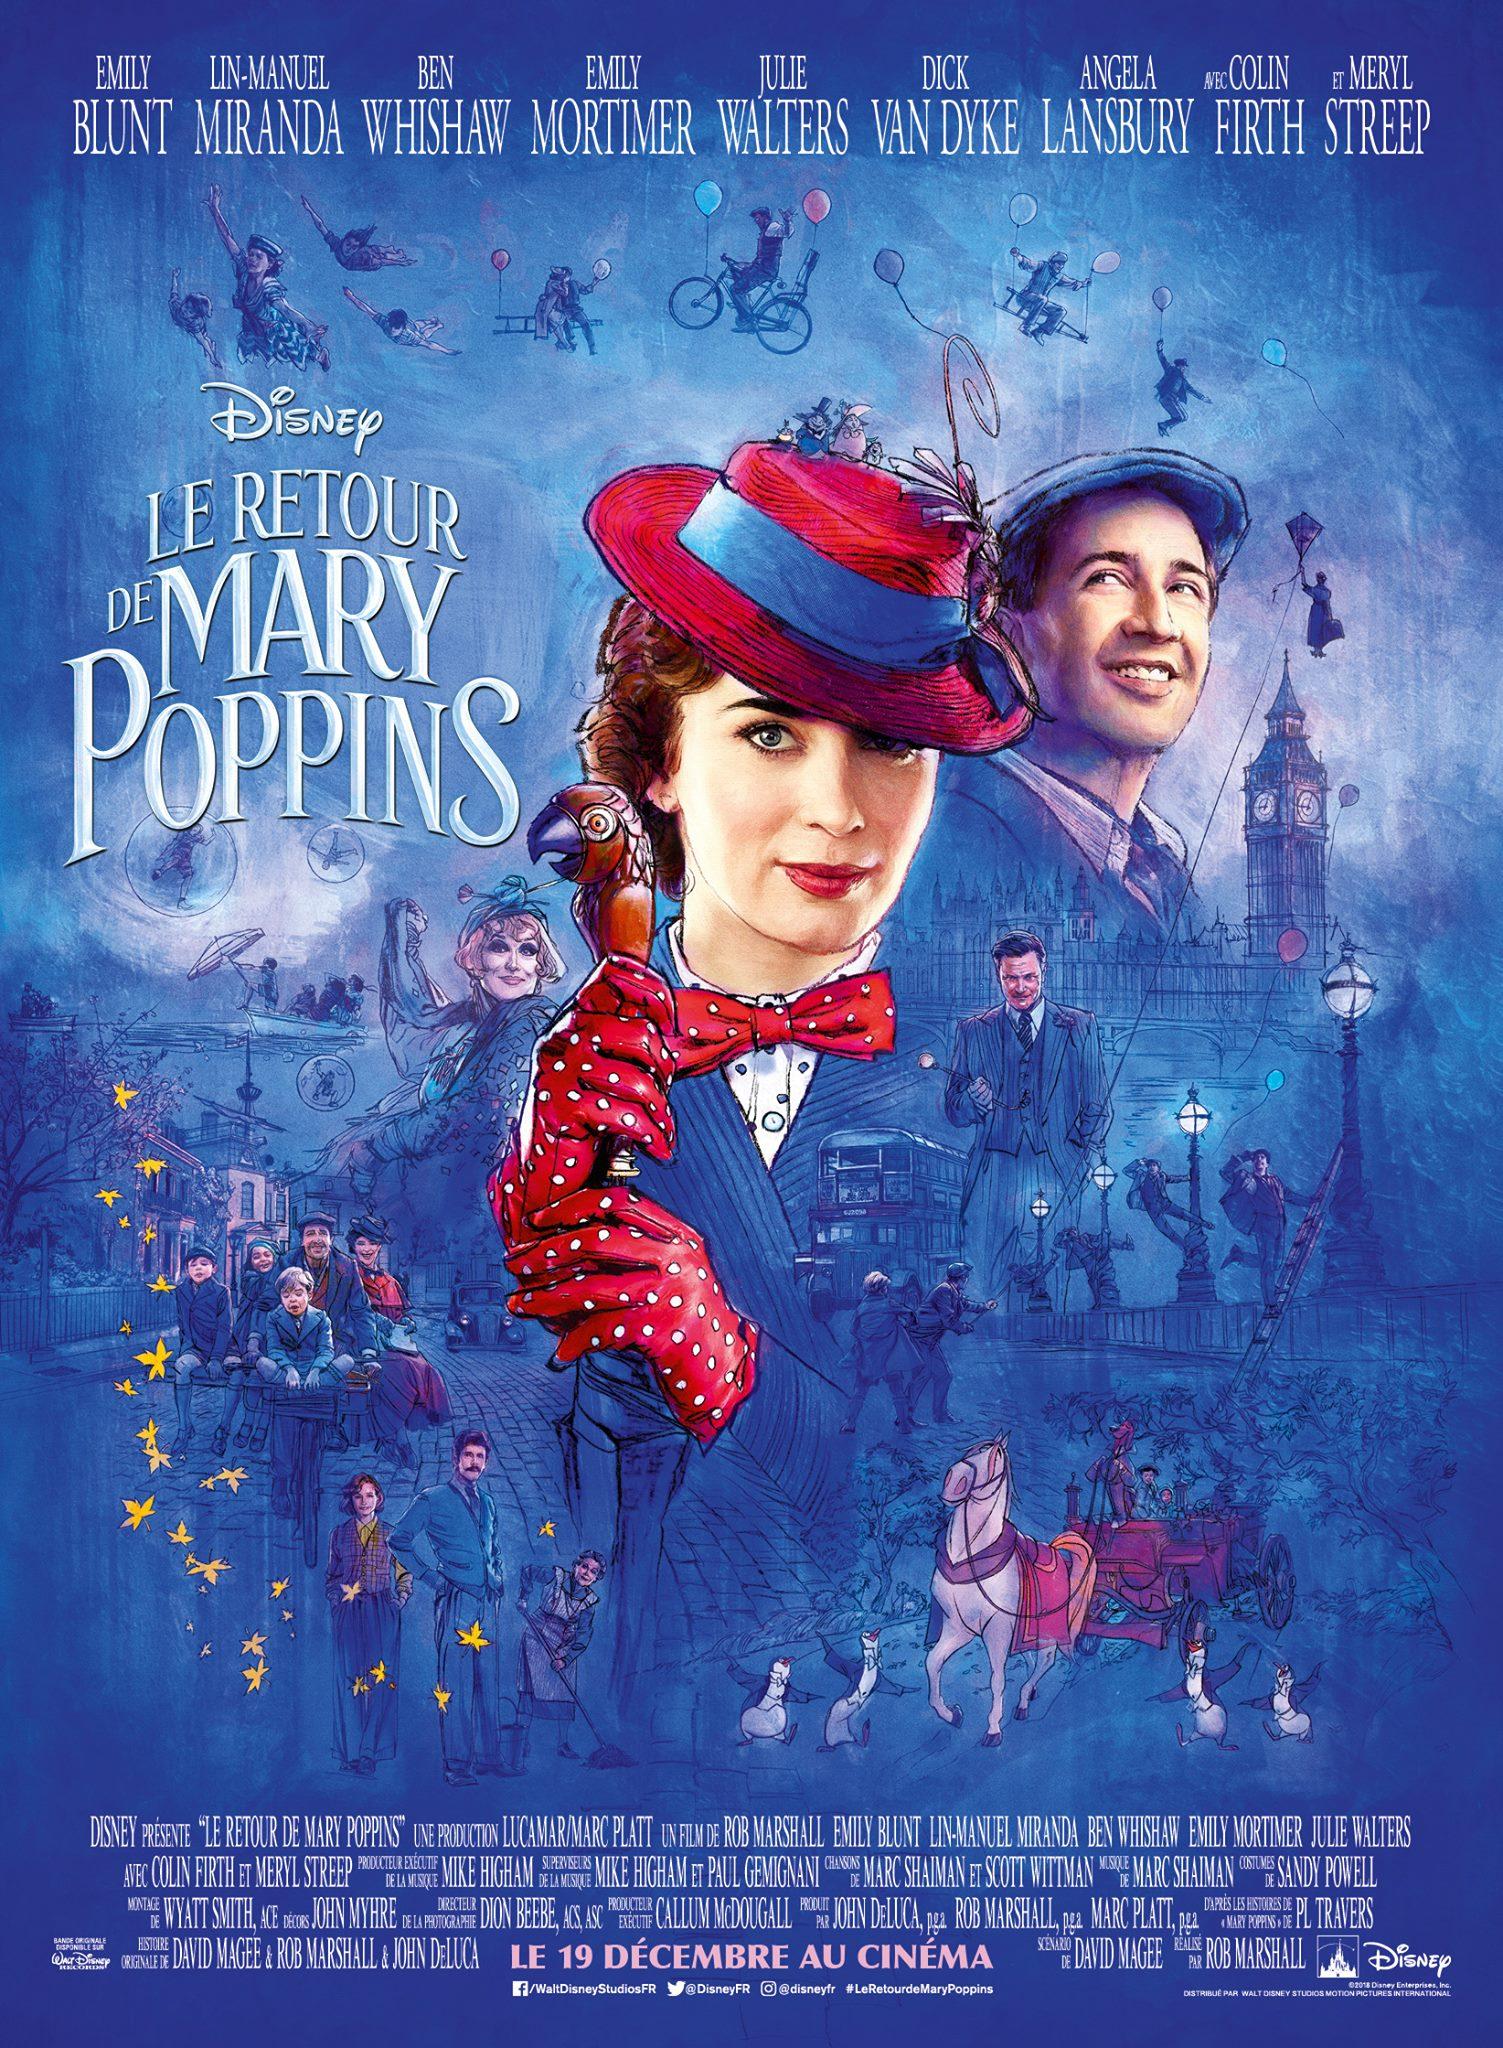 Le Retour de Mary Poppins, dès le 19 décembre au cinéma!